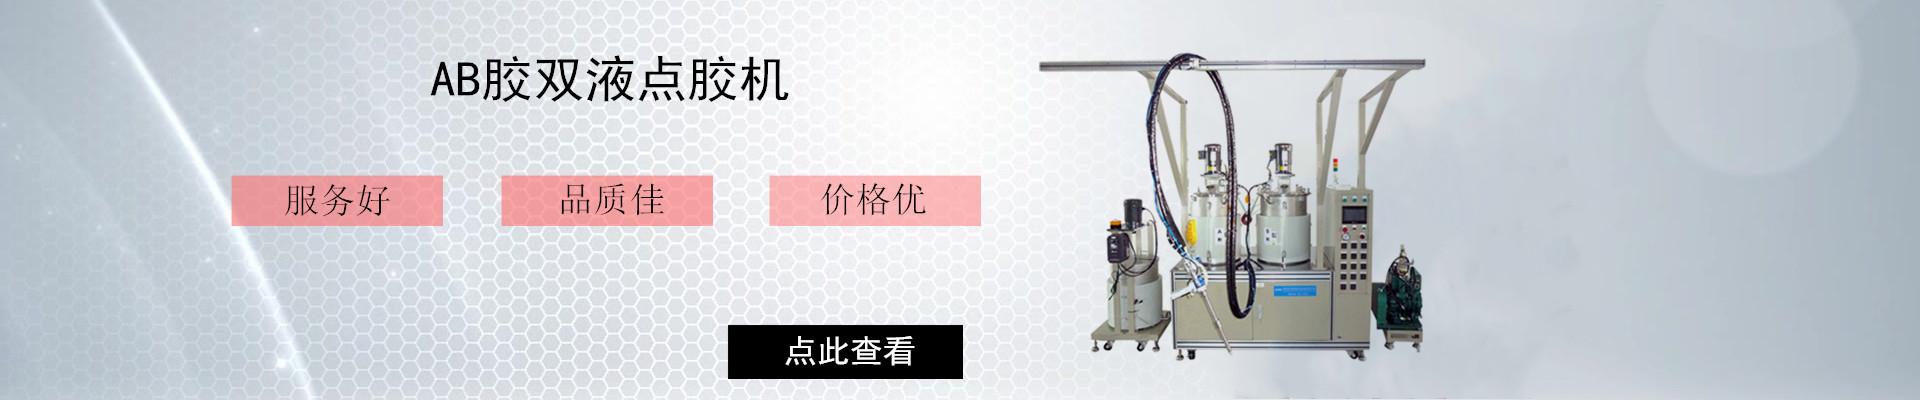 威海星辰自动化设备有限公司